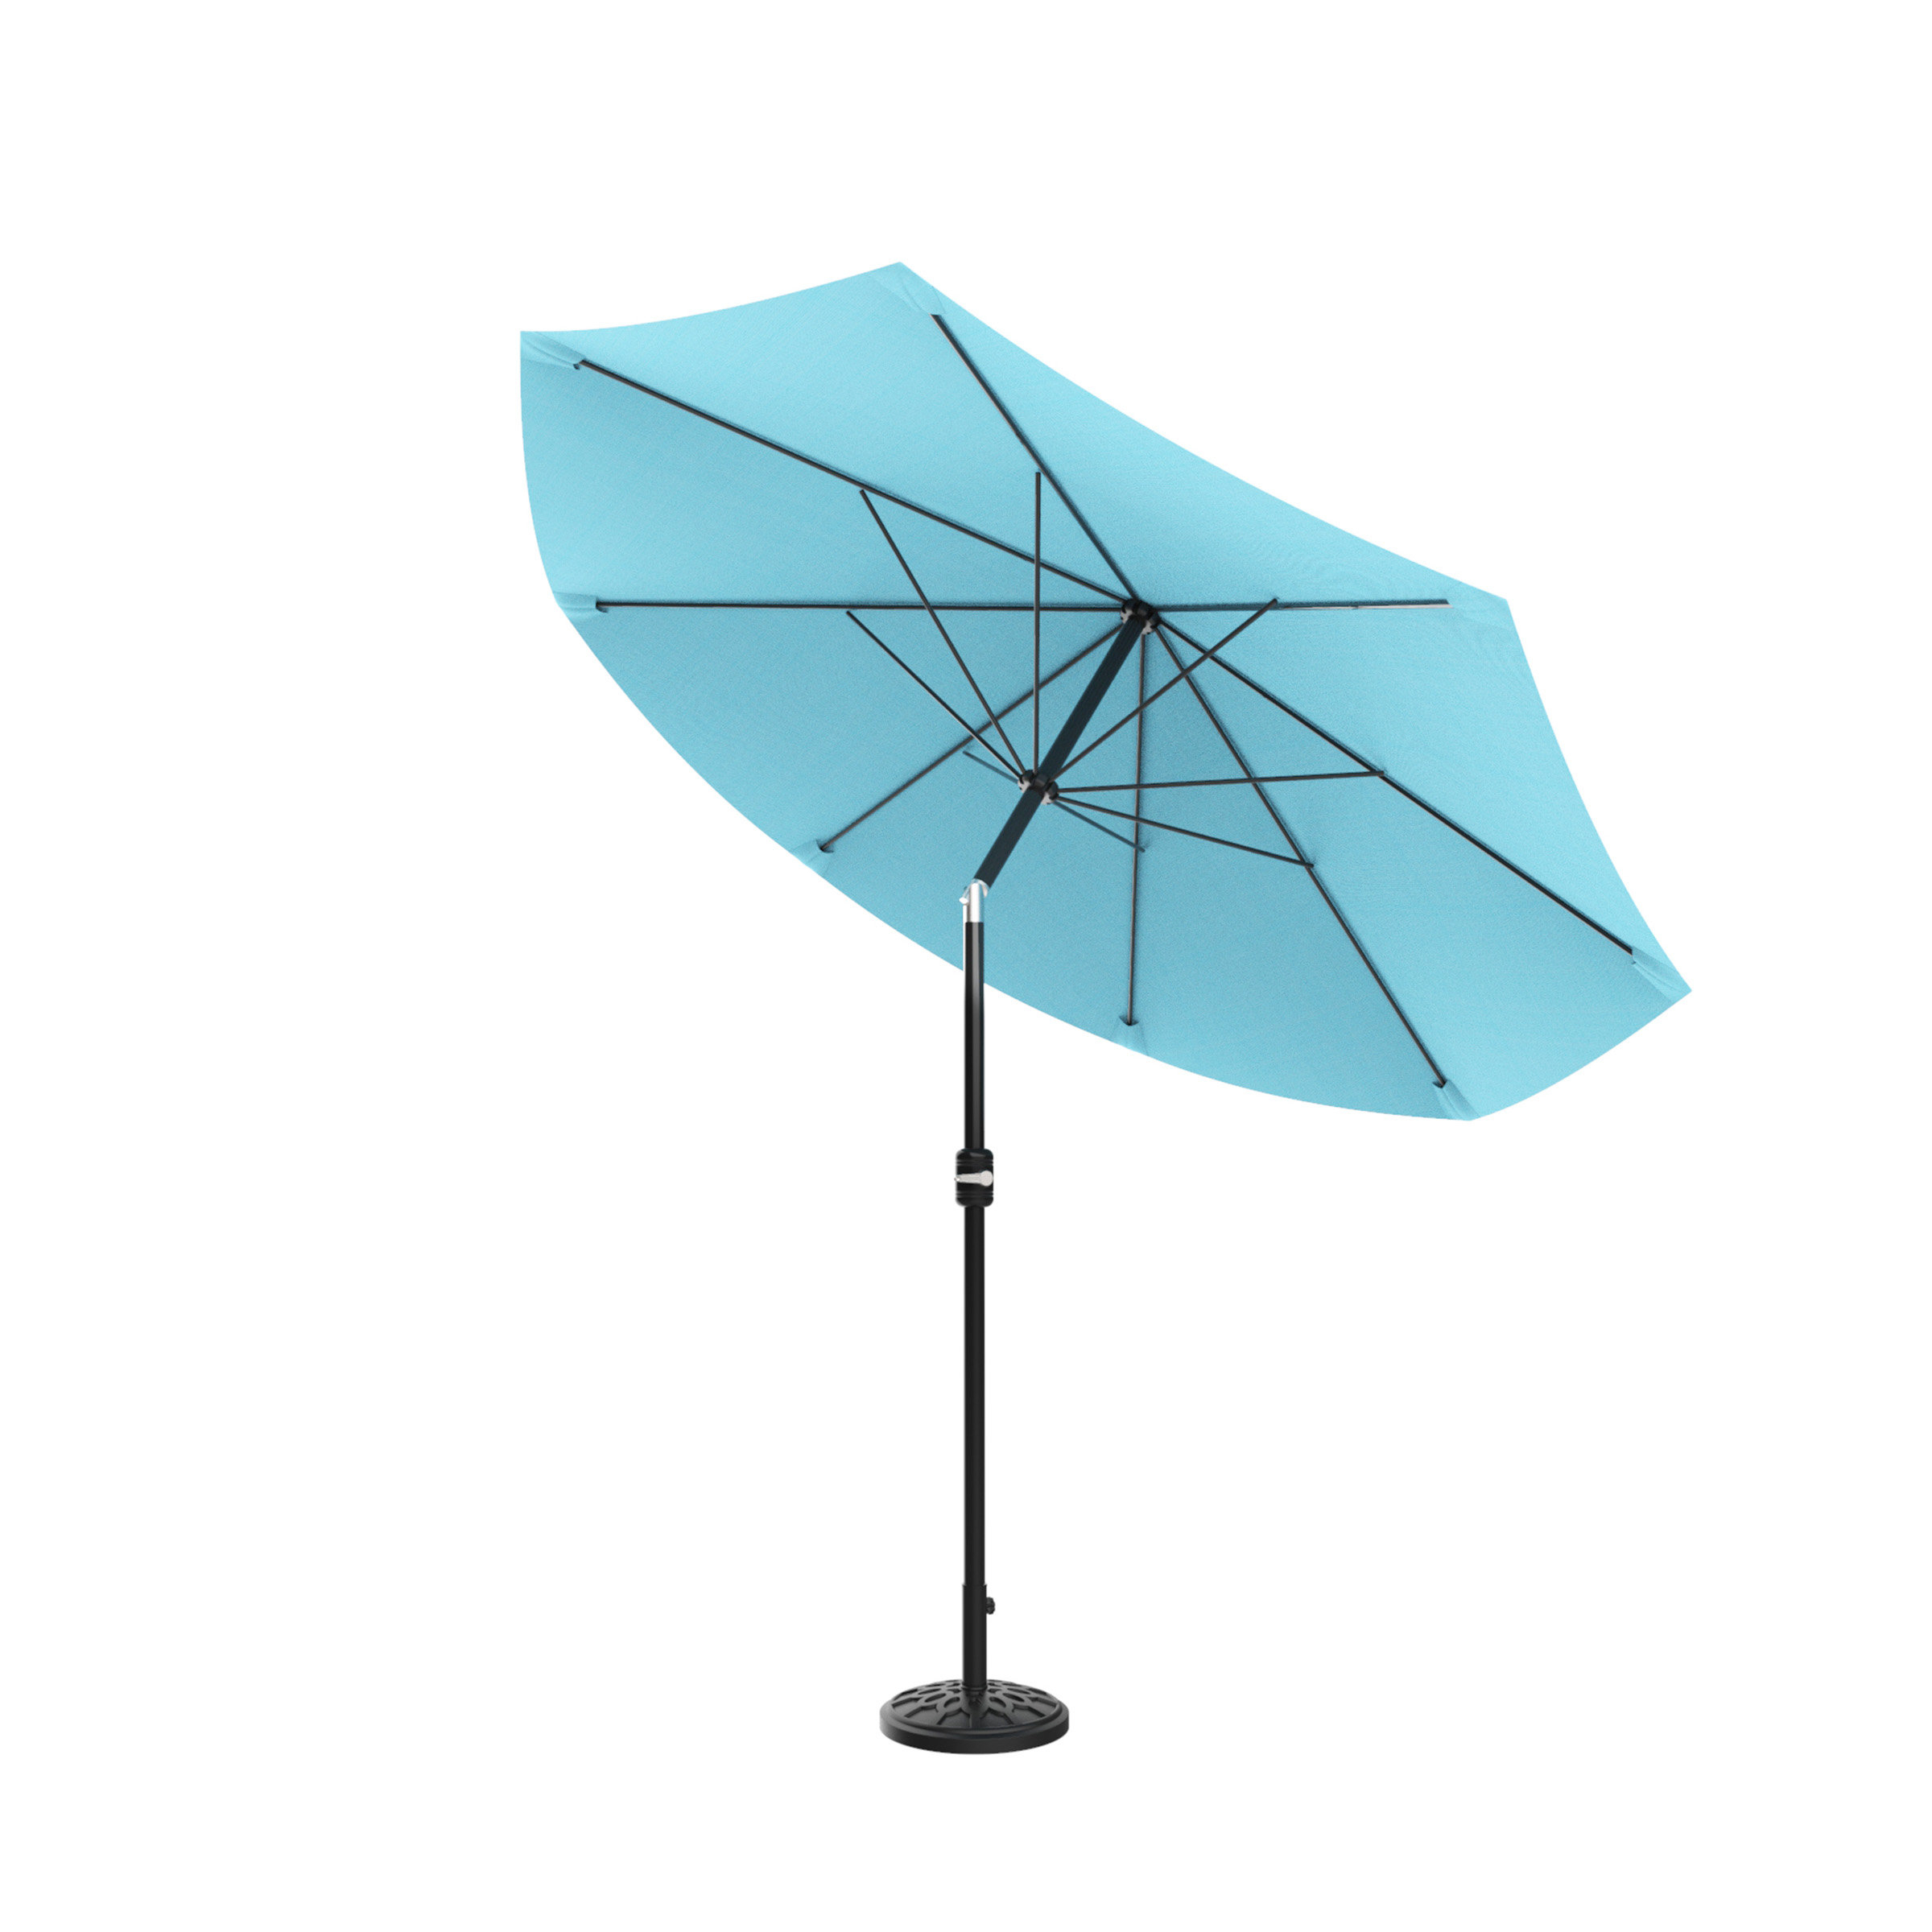 Kelton 10' Market Umbrella Within Most Recent Kenn Market Umbrellas (View 4 of 20)